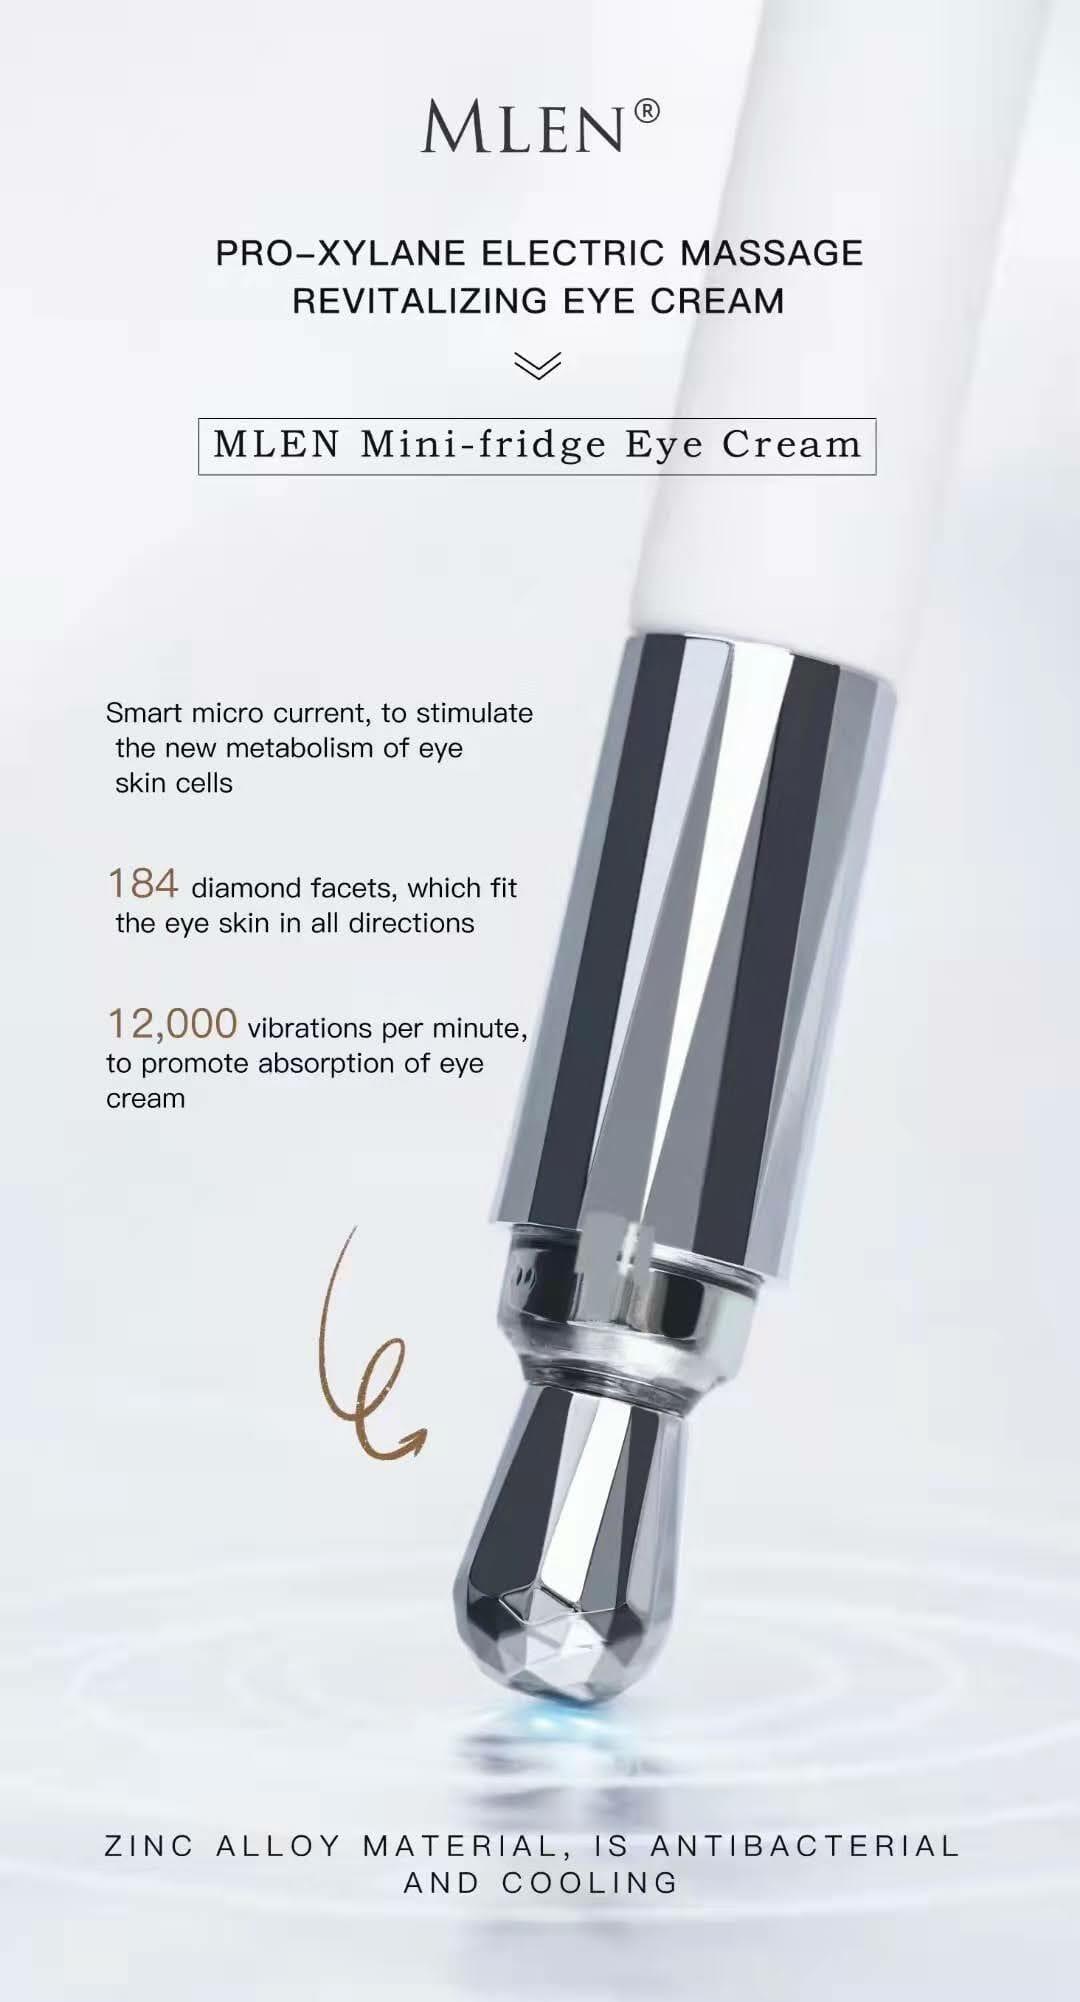 mlen group pro xylane electric massage revitalizing eye cream 3